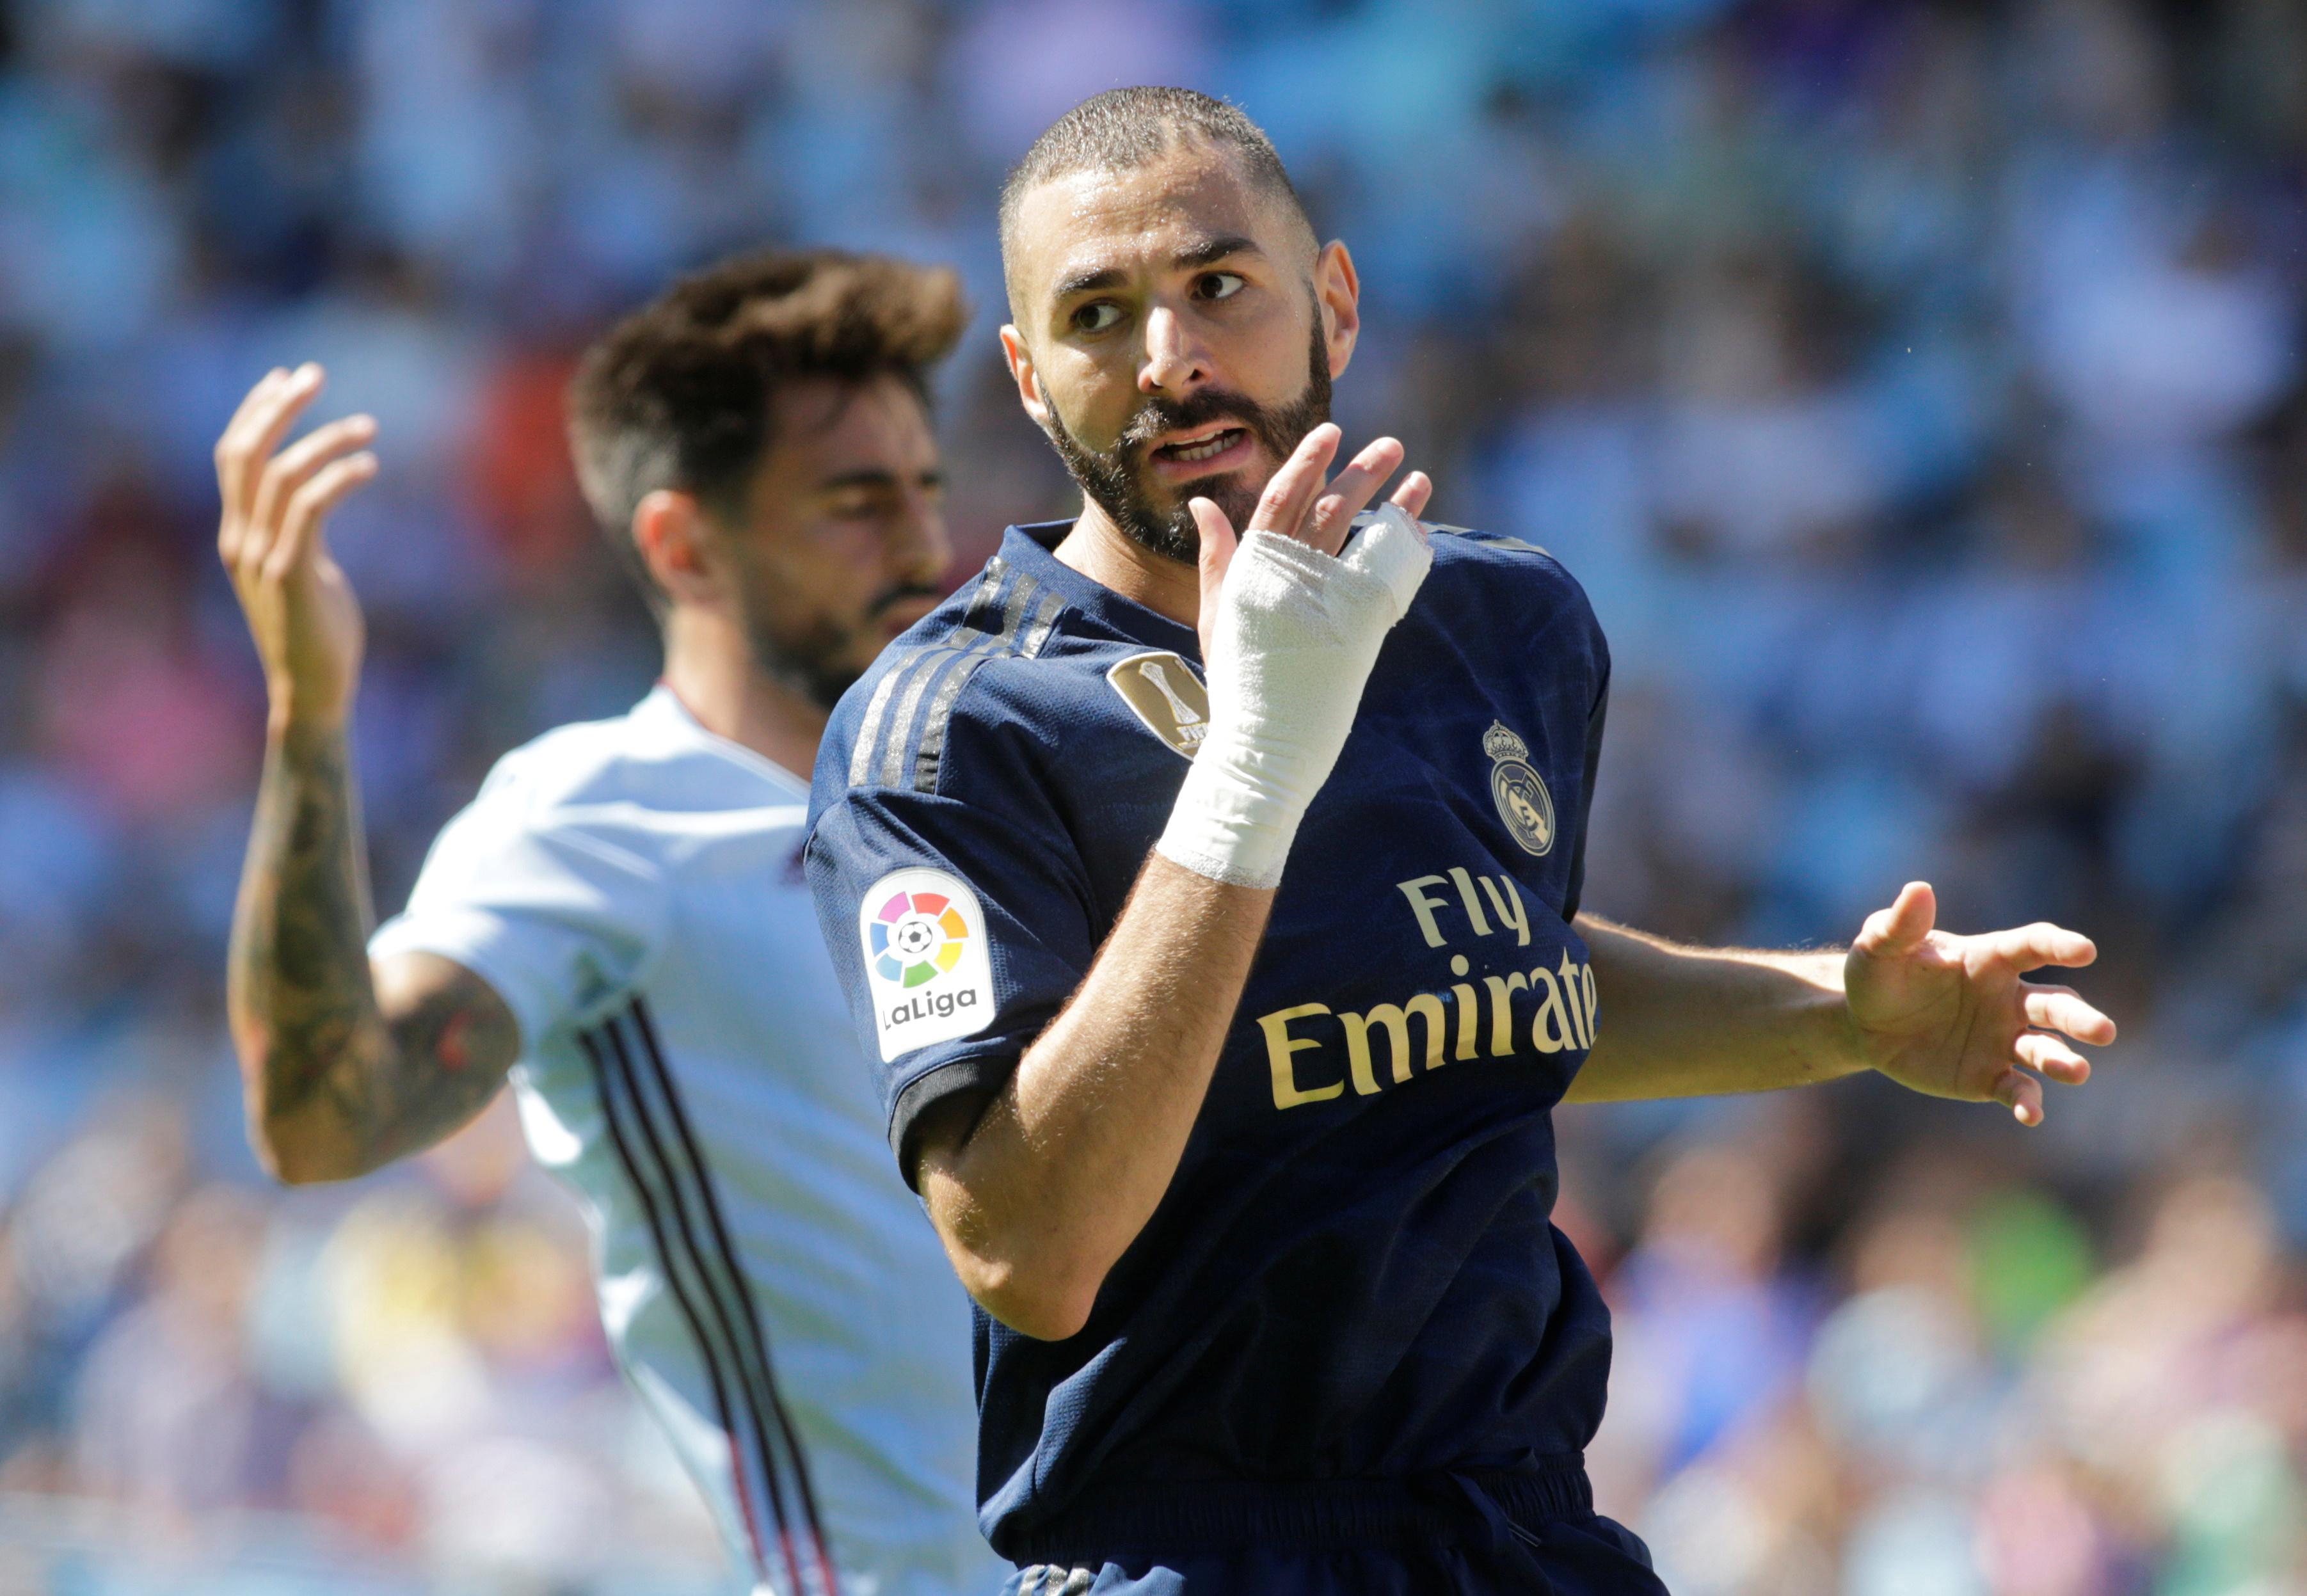 Football - Etranger - Liga : Real Madrid-Valladolid en direct